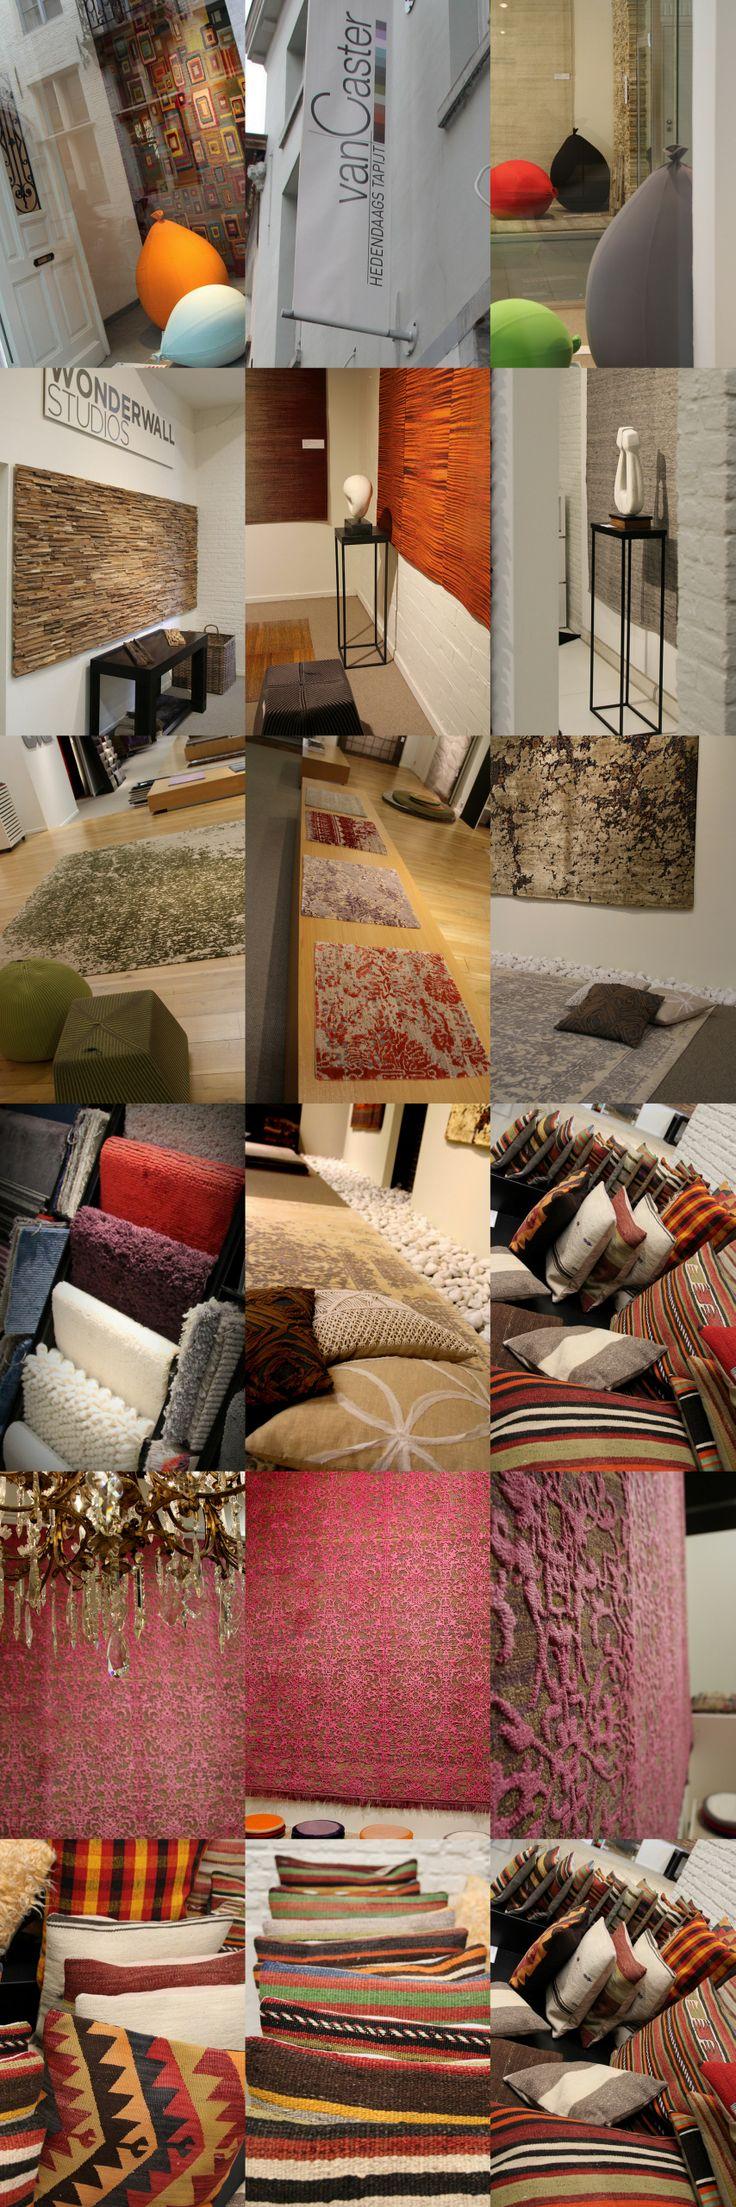 Met een heel groot aanbod aan hedendaagse tapijten voorziet Van Caster de Mechelse binnenstad van één van de mooiste en meest unieke collecties aan vloer- en wandtapijten.